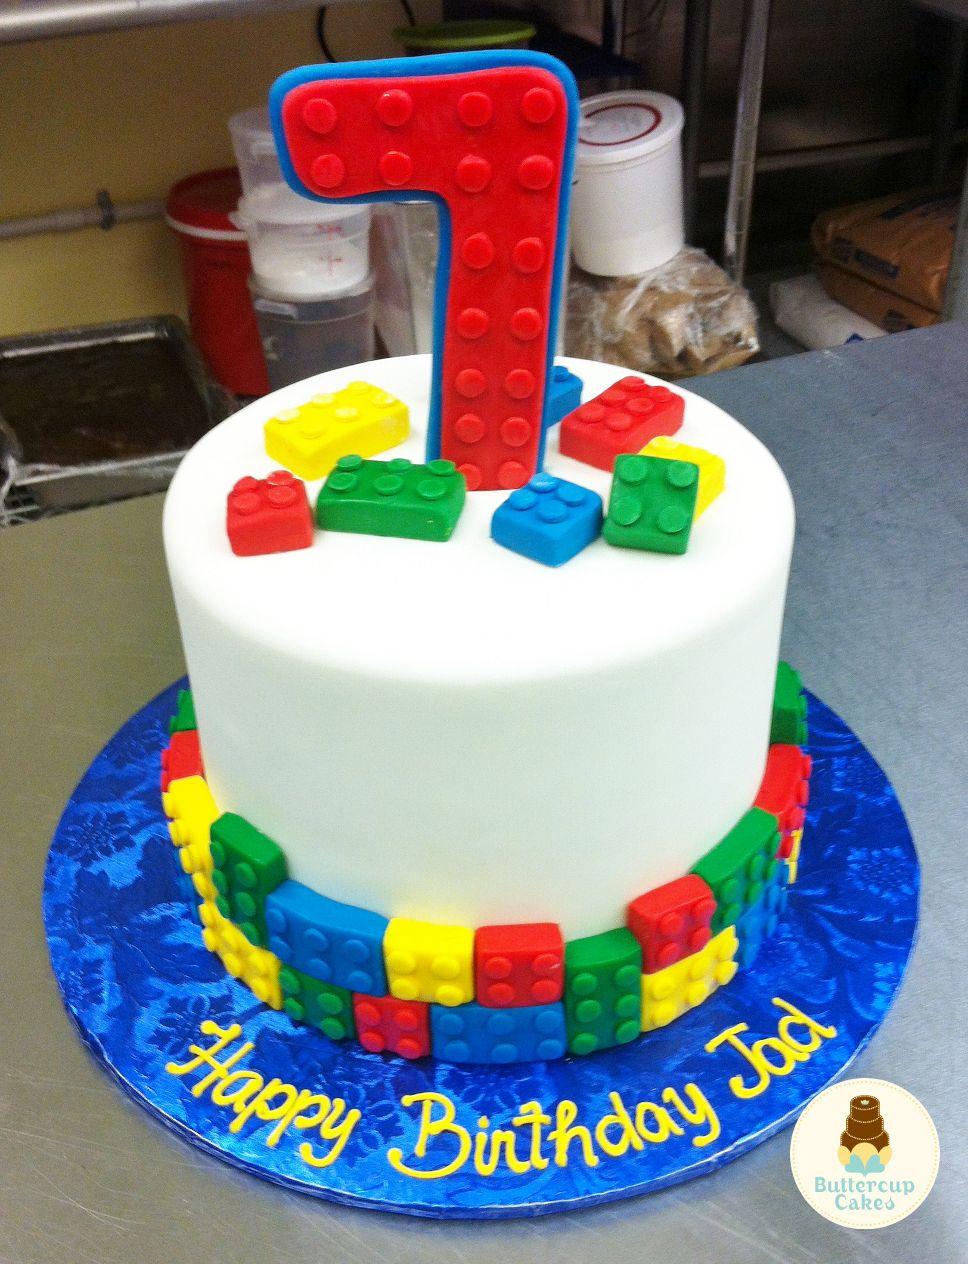 Lego Themed Birthday Cake Birthday Cakes Pinterest ...